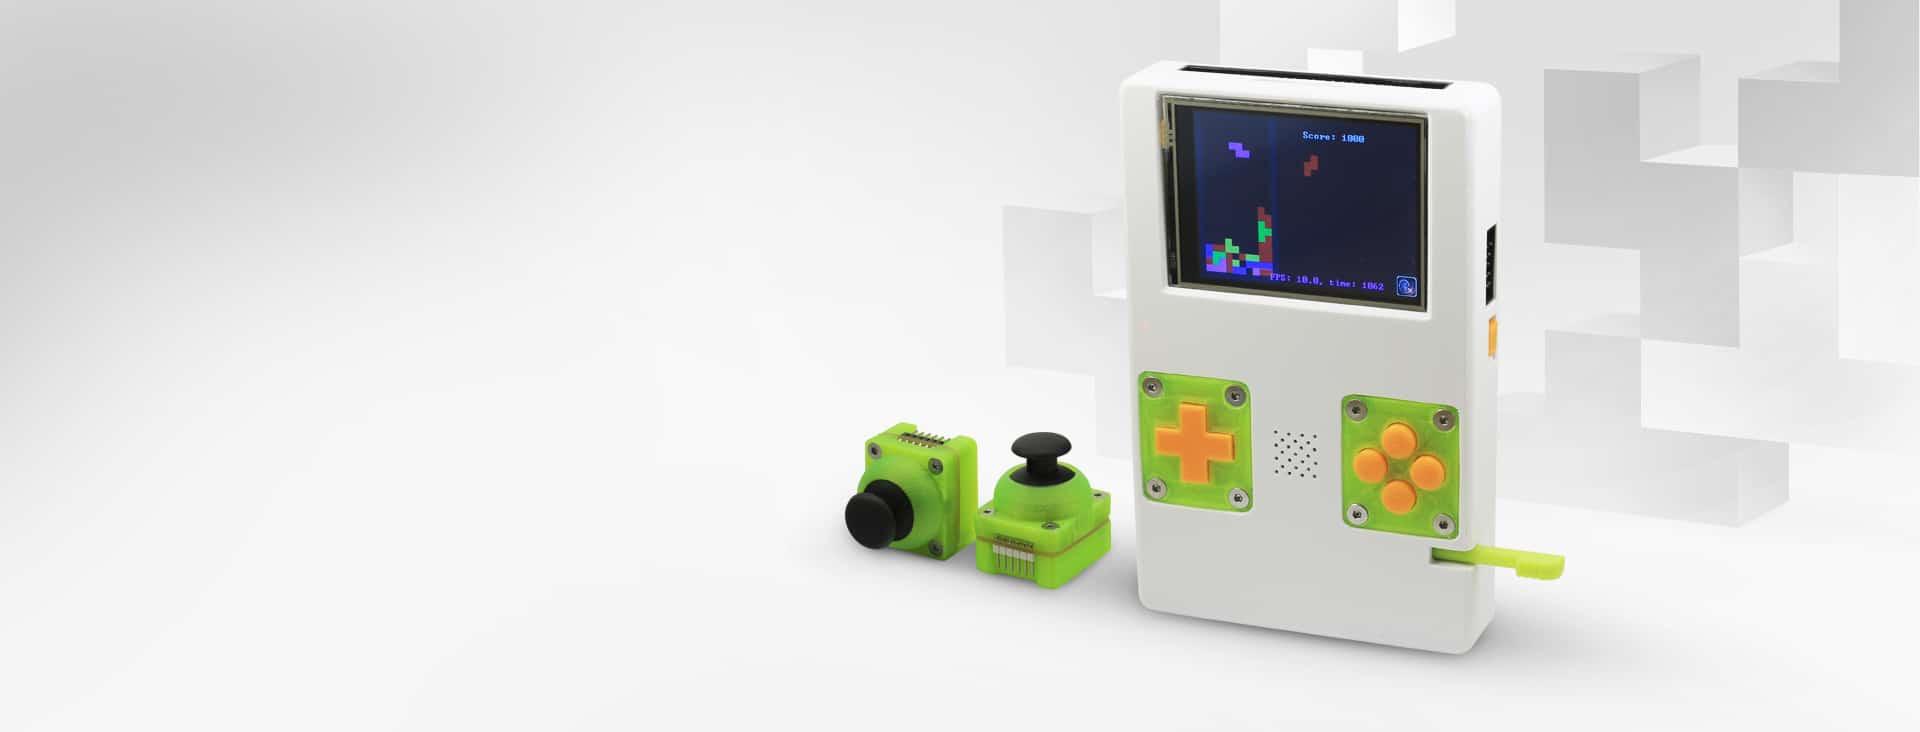 DevBoy: Modularer GameBoy für Spieler und Tüftler